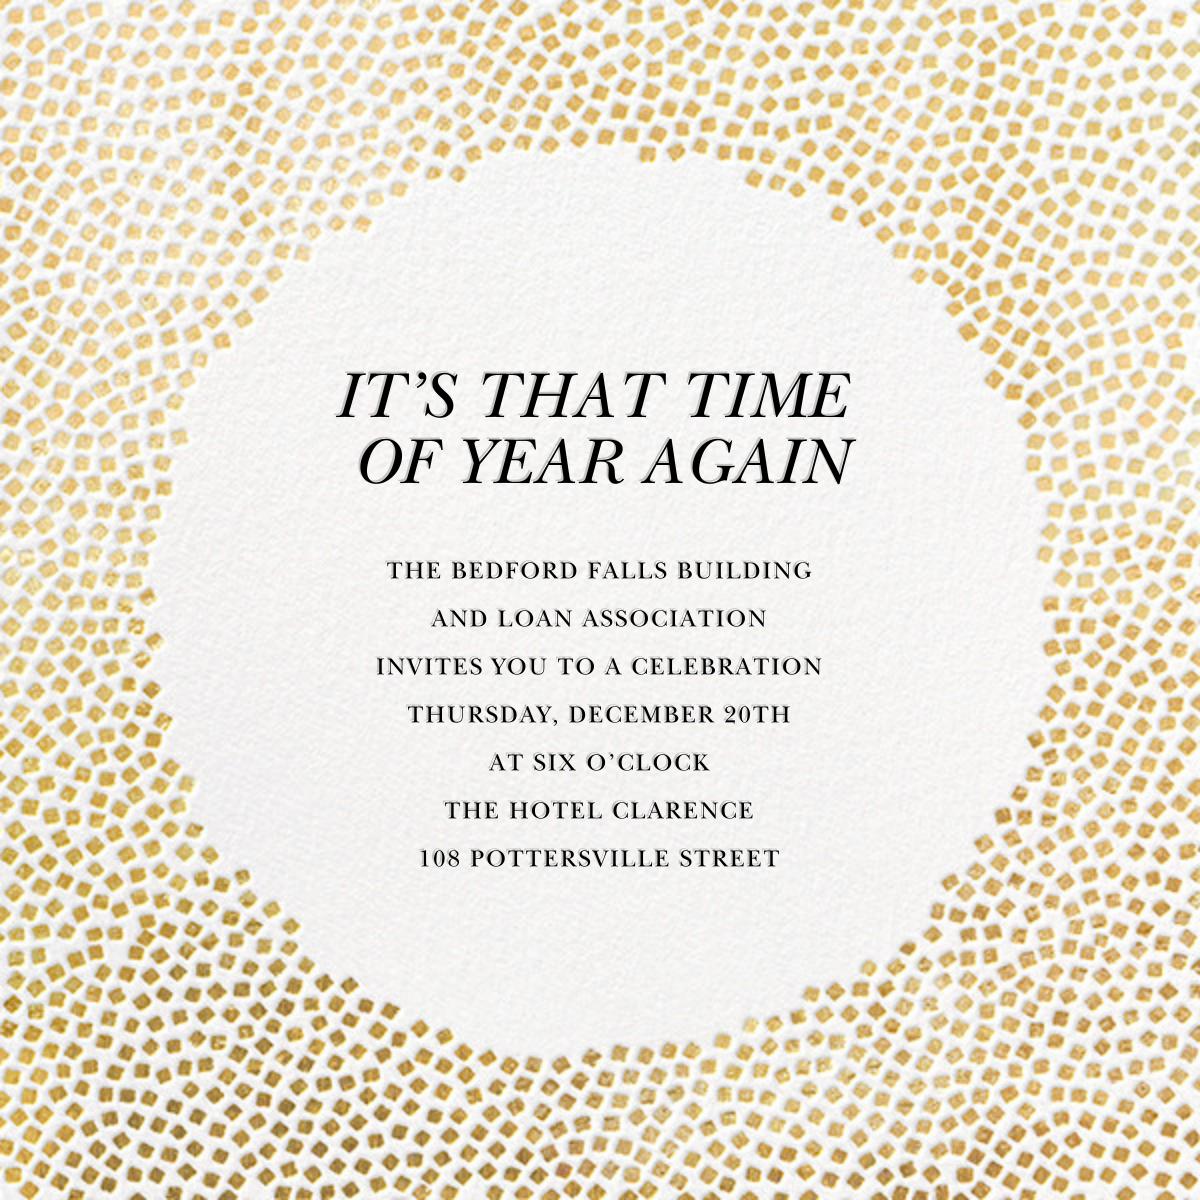 Konfetti - Gold - Kelly Wearstler - Corporate invitations